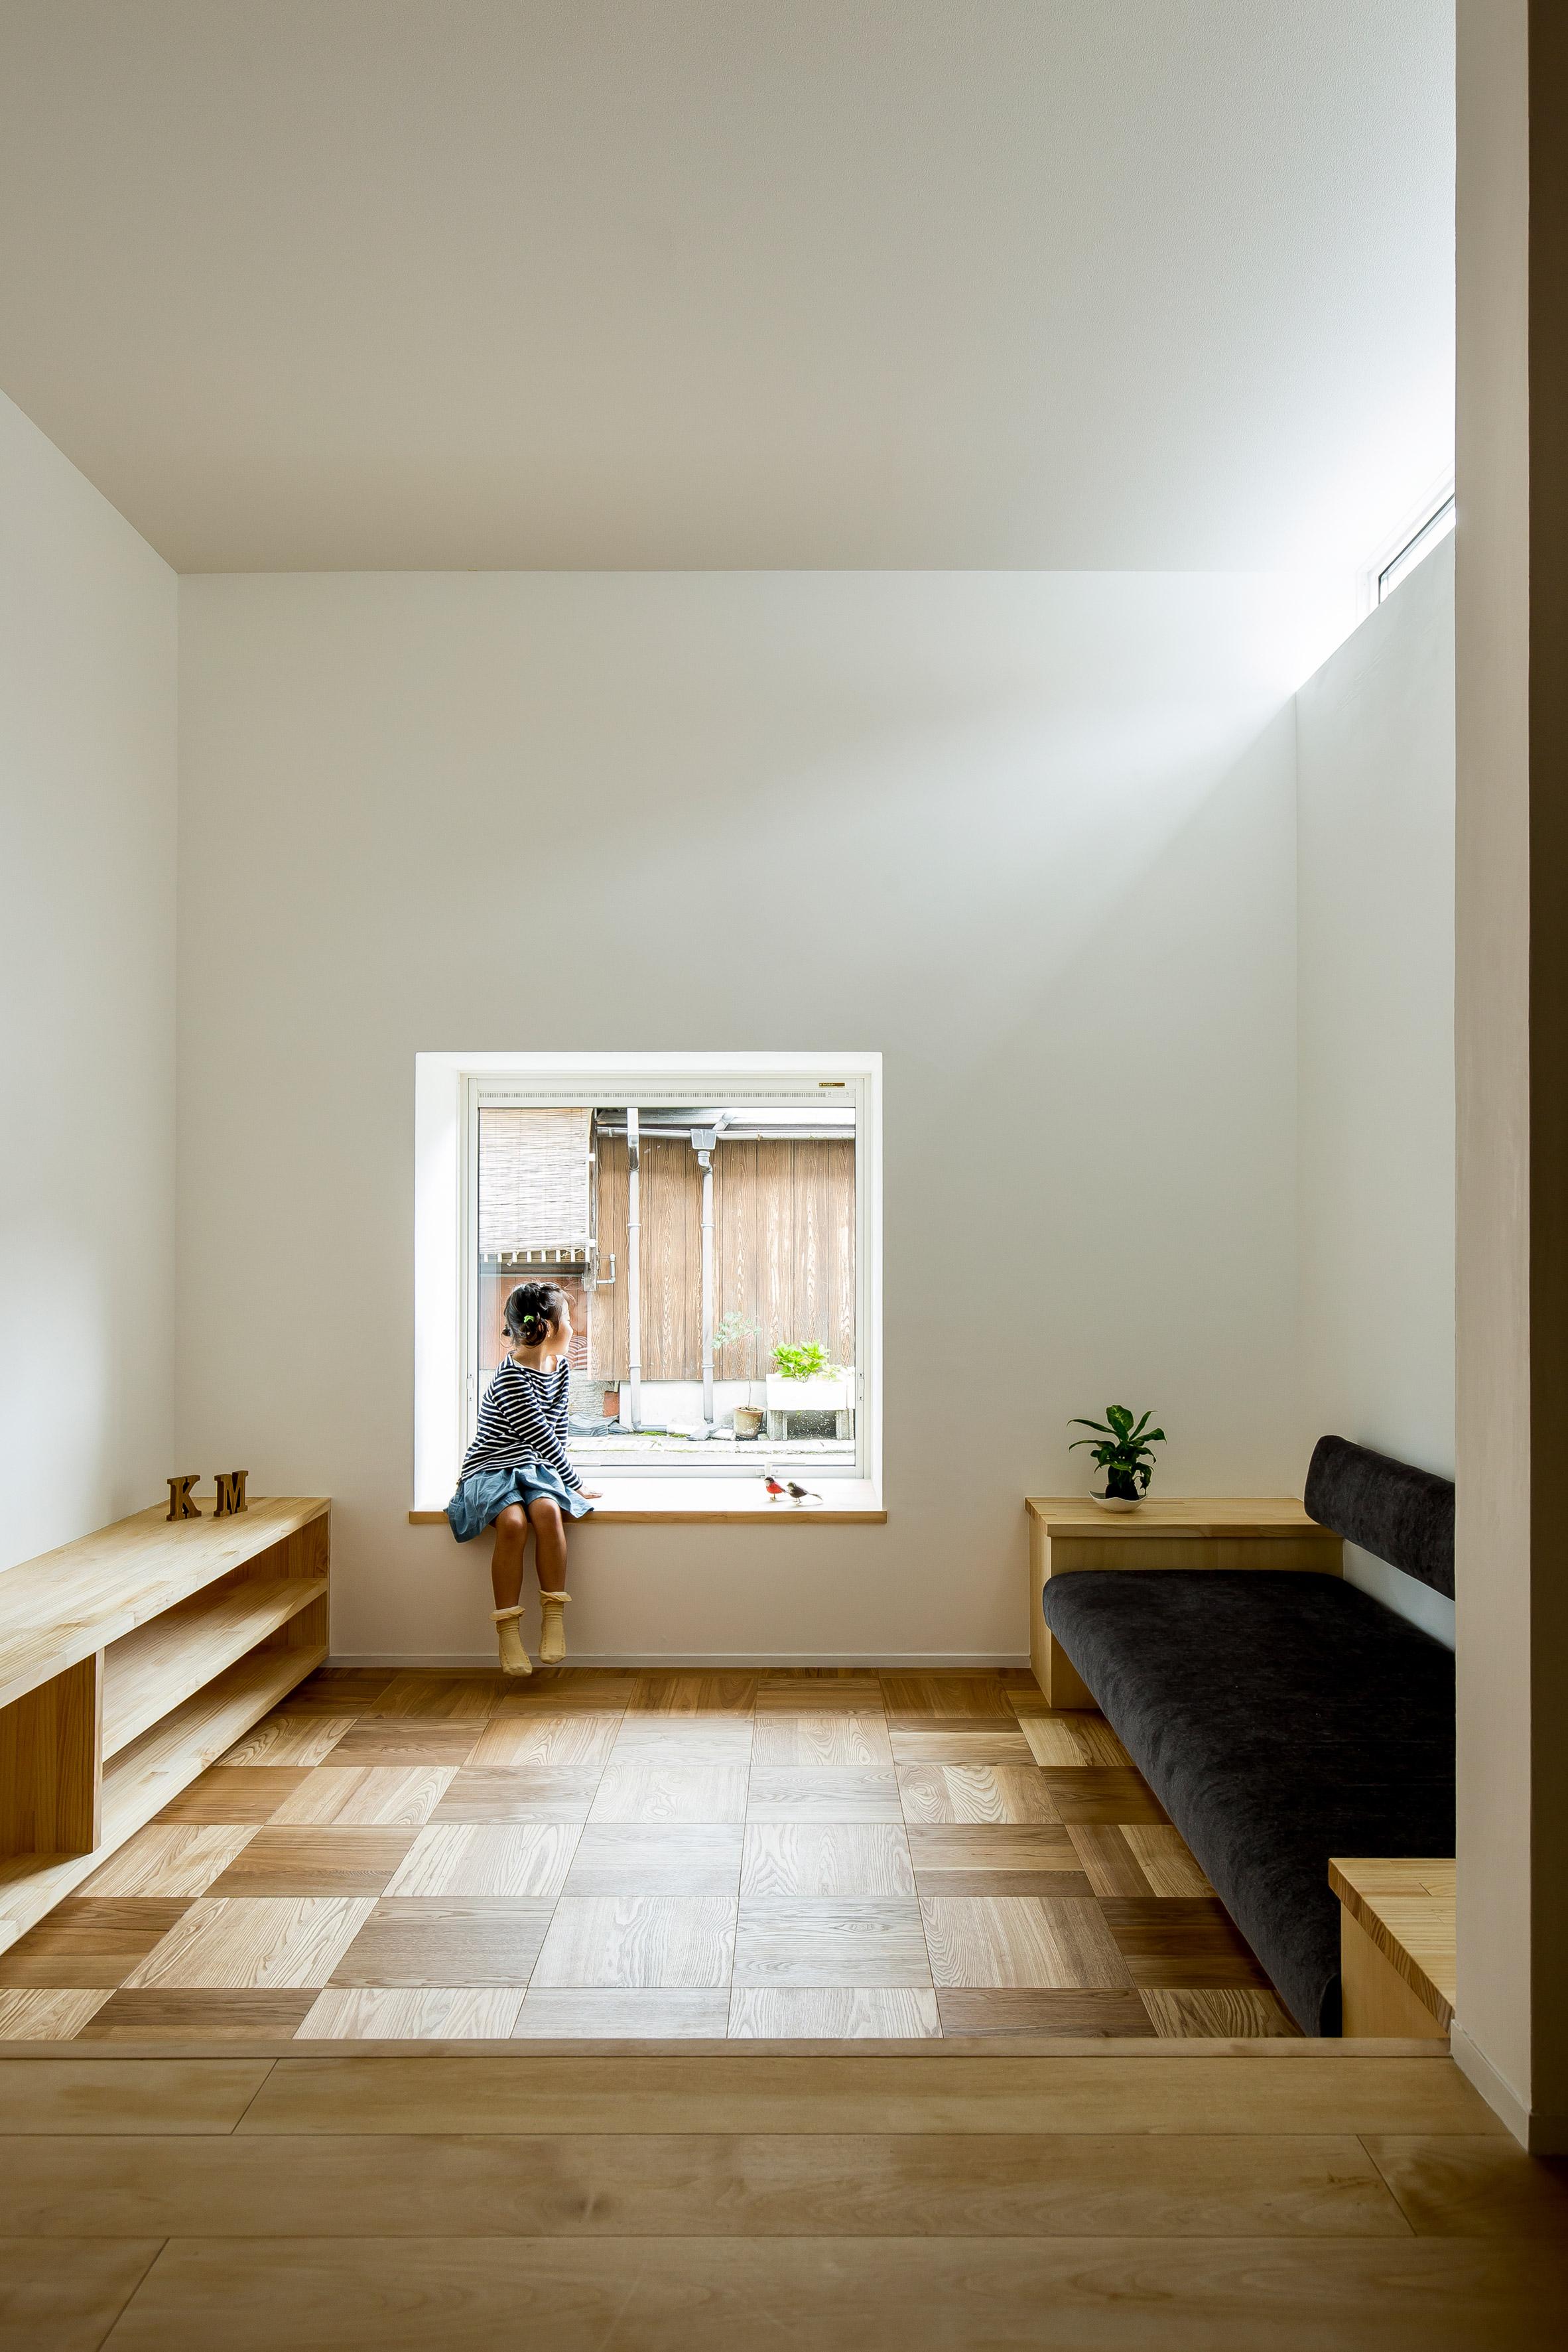 Ngôi nhà có khoảng sân vườn thiết kế nghệ thuật giúp từng góc nhỏ bên trong đều đẹp như tranh vẽ - Ảnh 7.